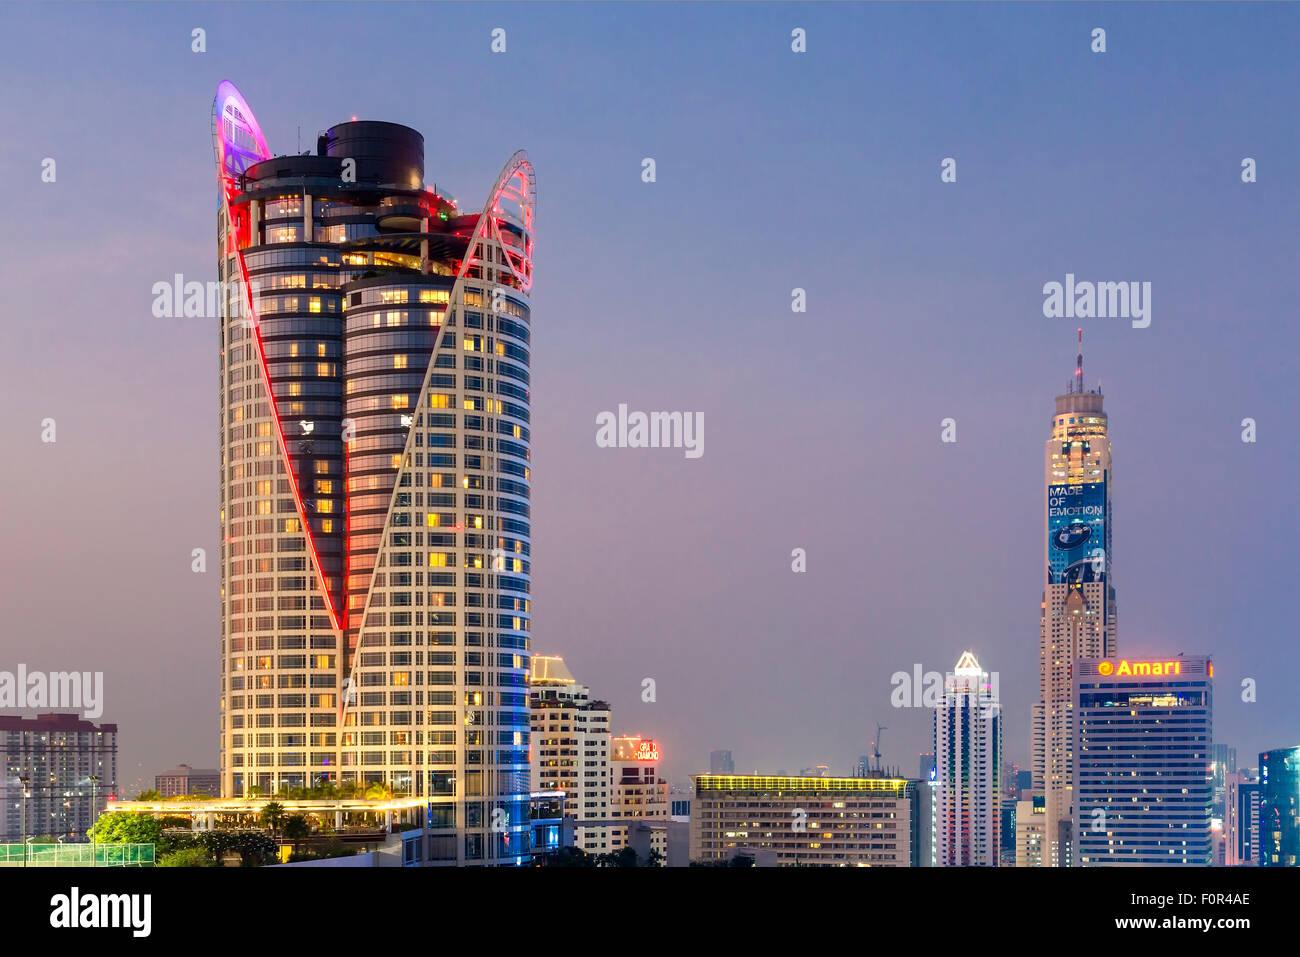 Lo Skyline di Bangkok con il Centara Grand Tower e Baiyoke Sky Hotel Immagini Stock